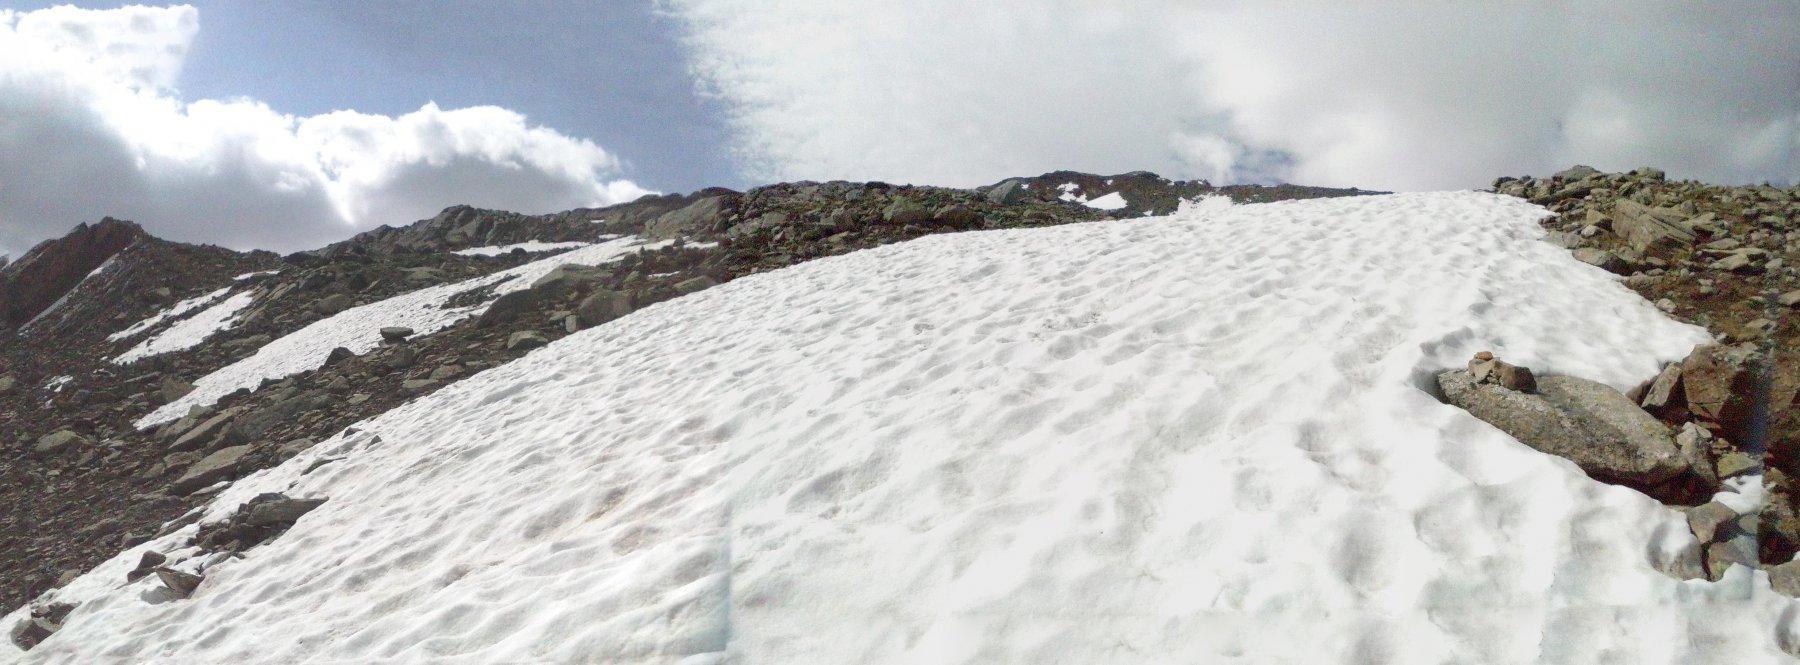 ancora un paio di grossi nevai prima del ghiacciaio  ,volendo evitabili...